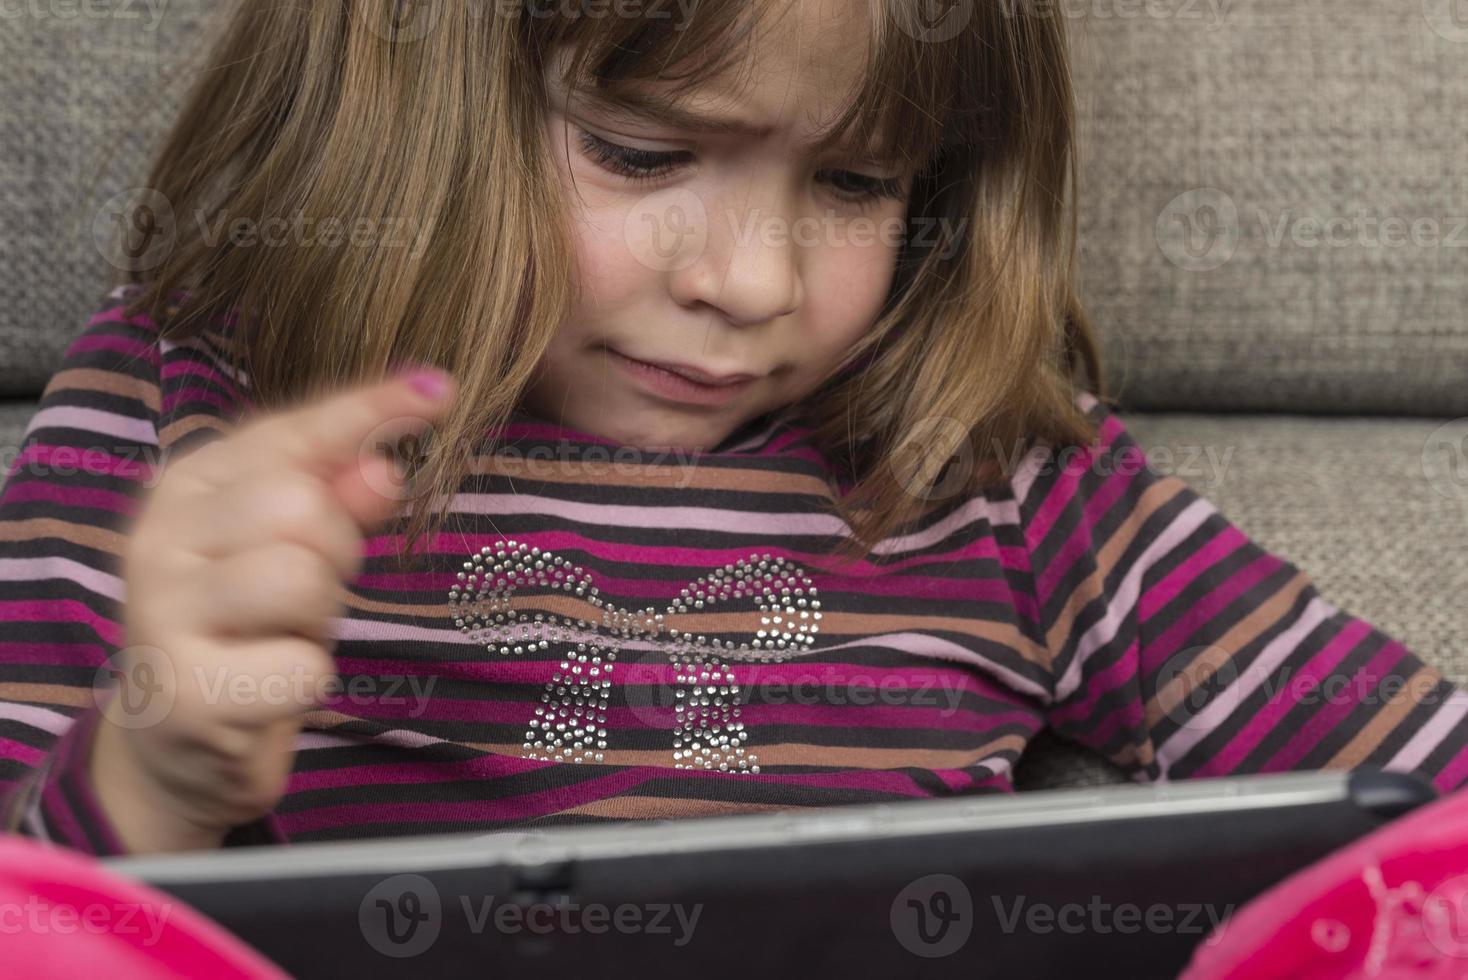 niña y una tableta digital foto